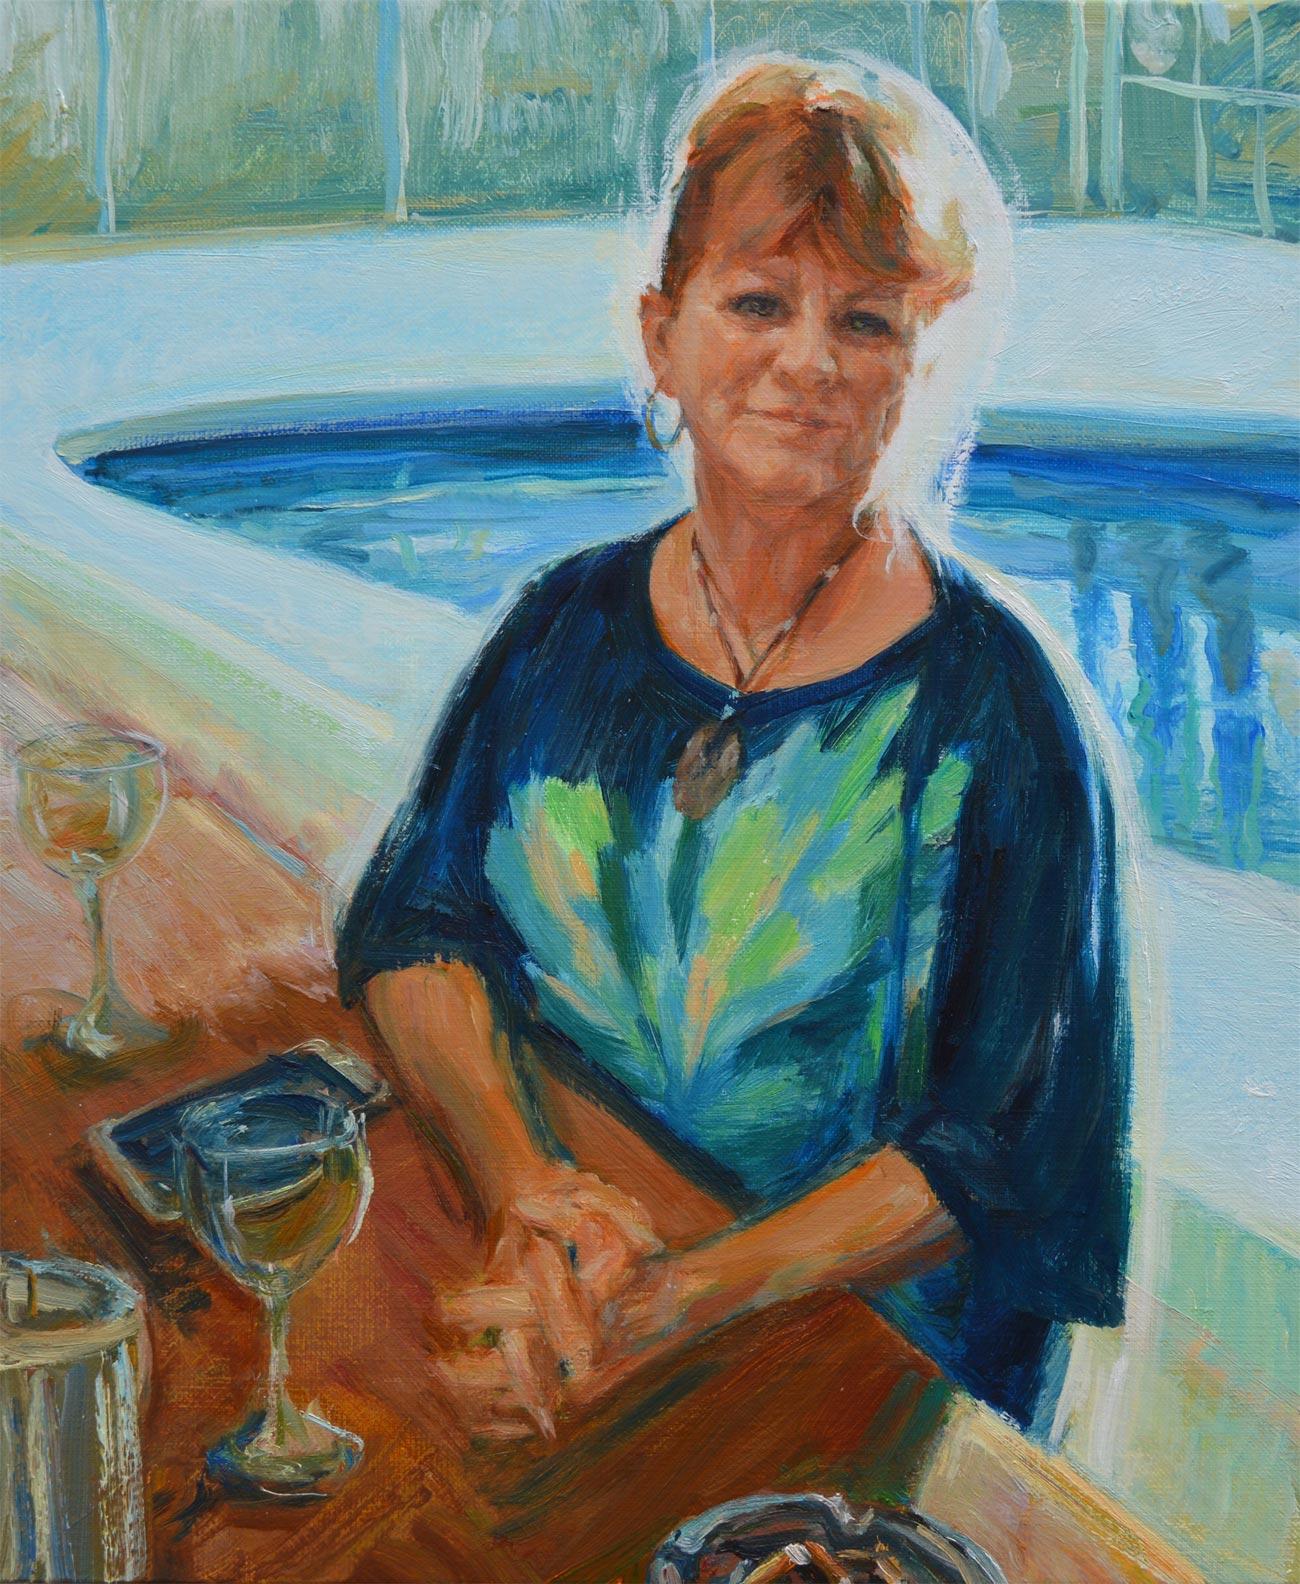 Portrait of Bobbie Wenburg by British portrait artist Marina Kim. Oil on canvas 46x38 cm